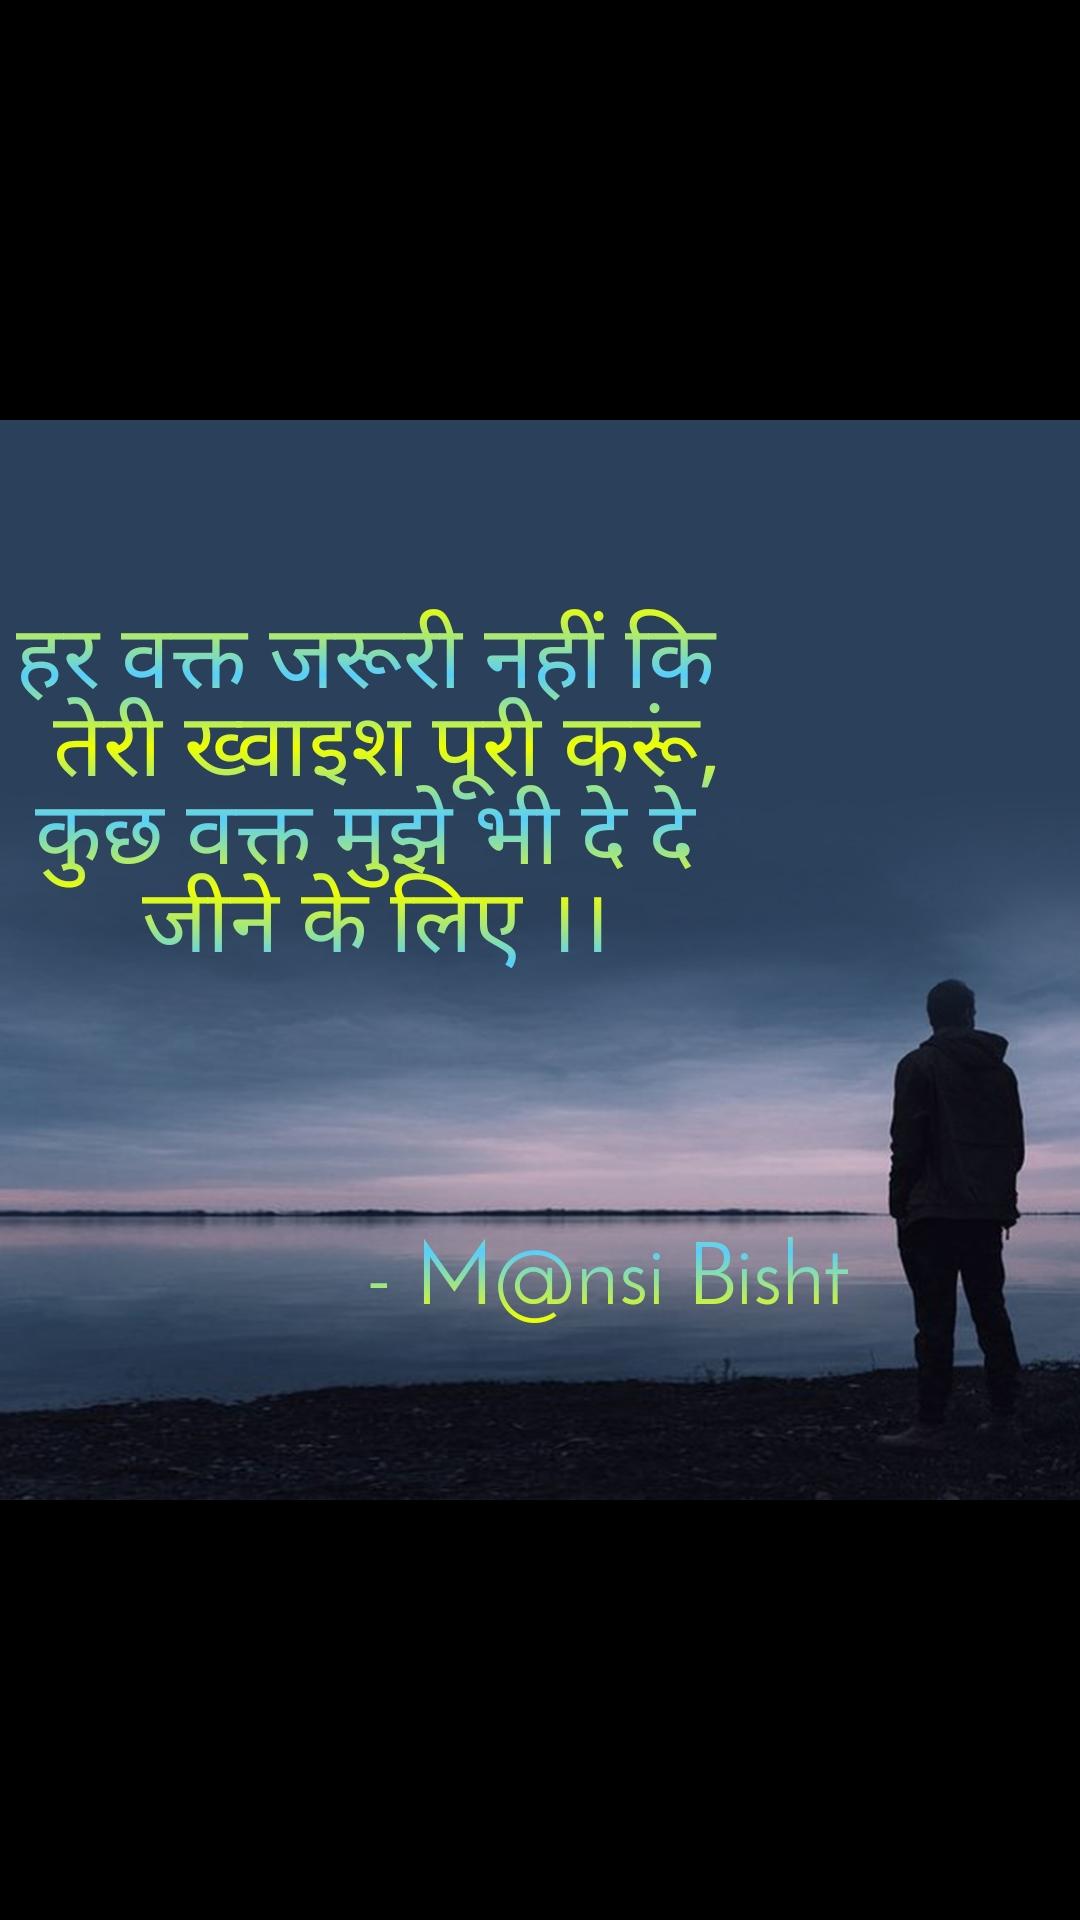 हर वक्त जरूरी नहीं कि   तेरी ख्वाइश पूरी करूं, कुछ वक्त मुझे भी दे दे  जीने के लिए ।।                             - M@nsi Bisht